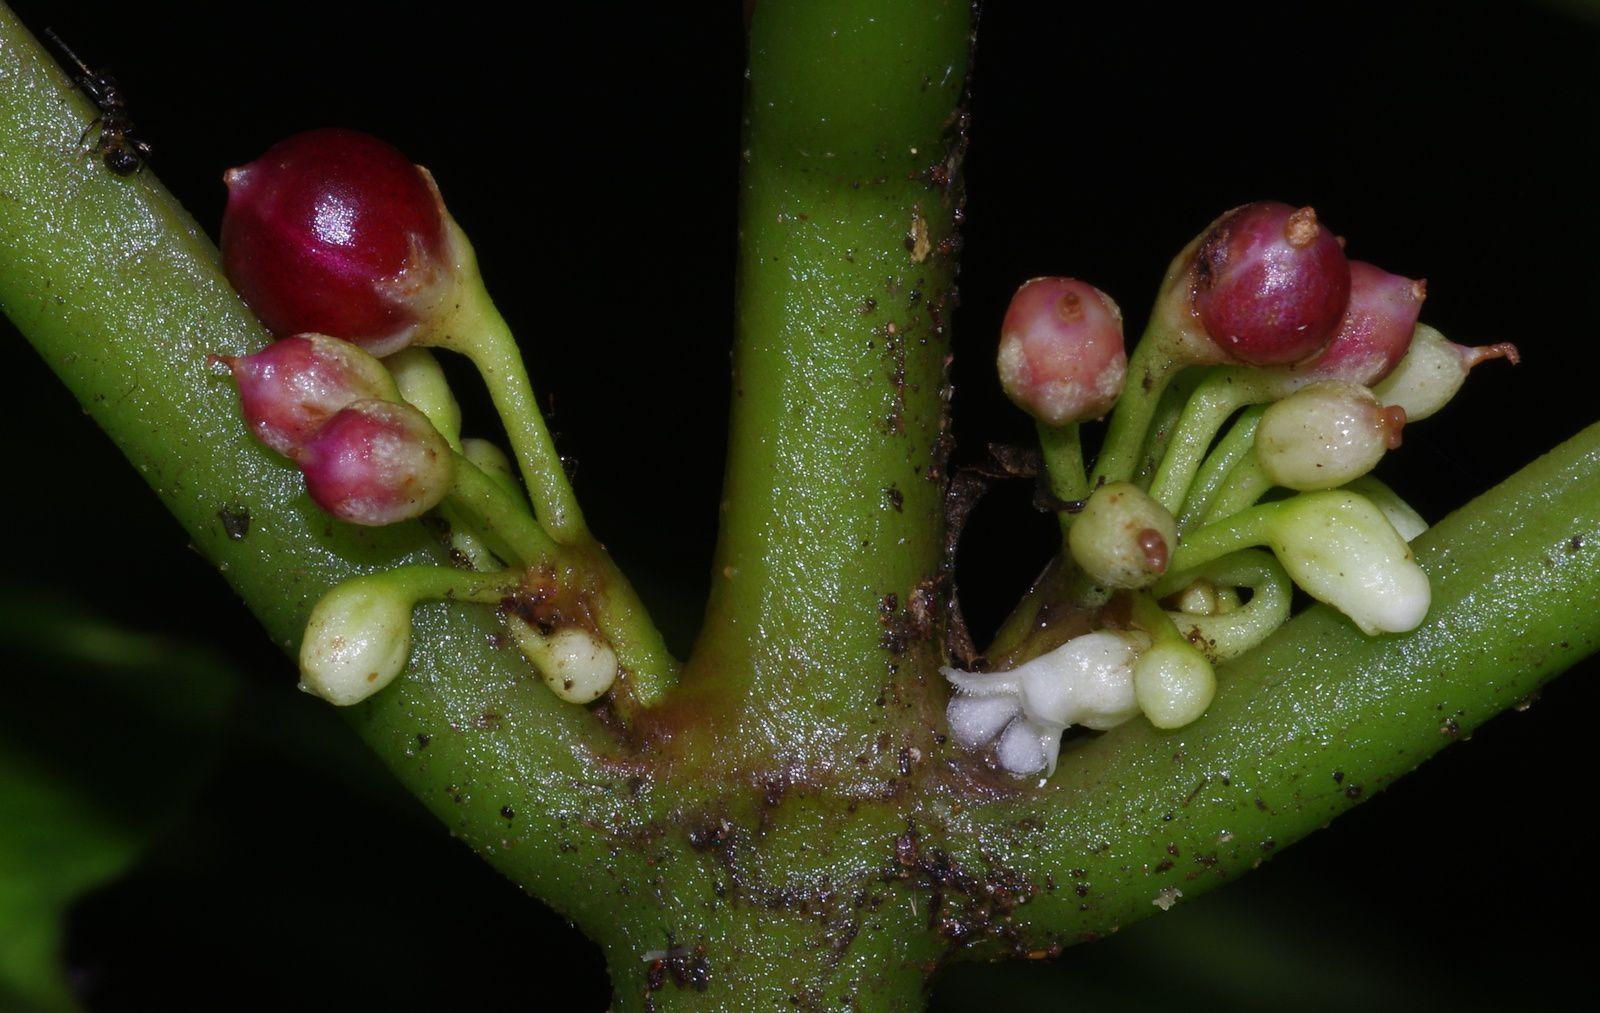 Besleria flavo-virens